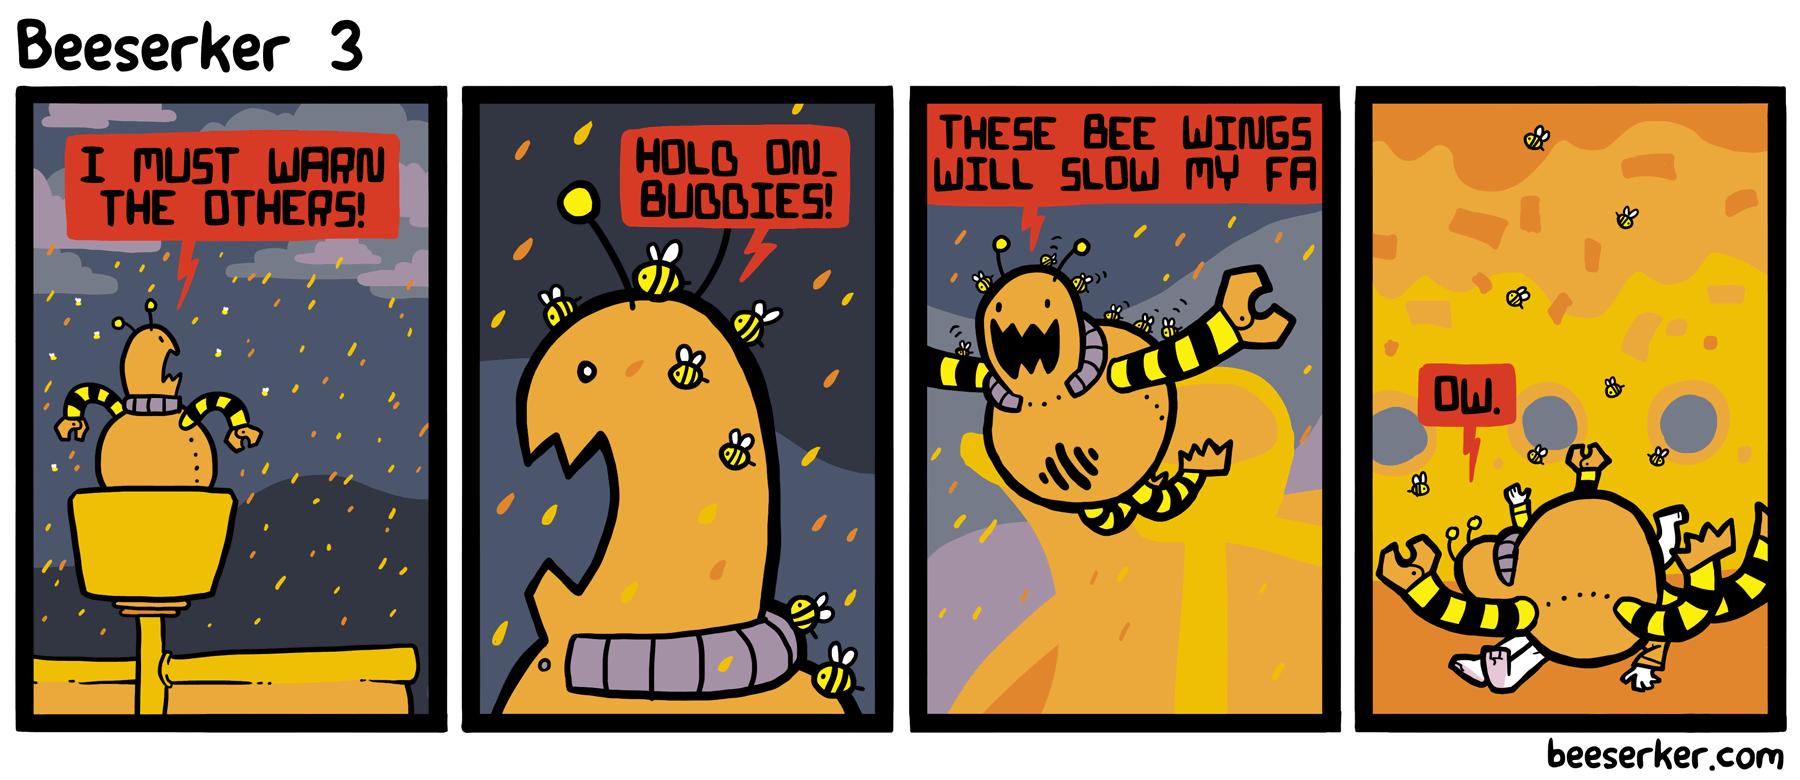 Beeserker 3